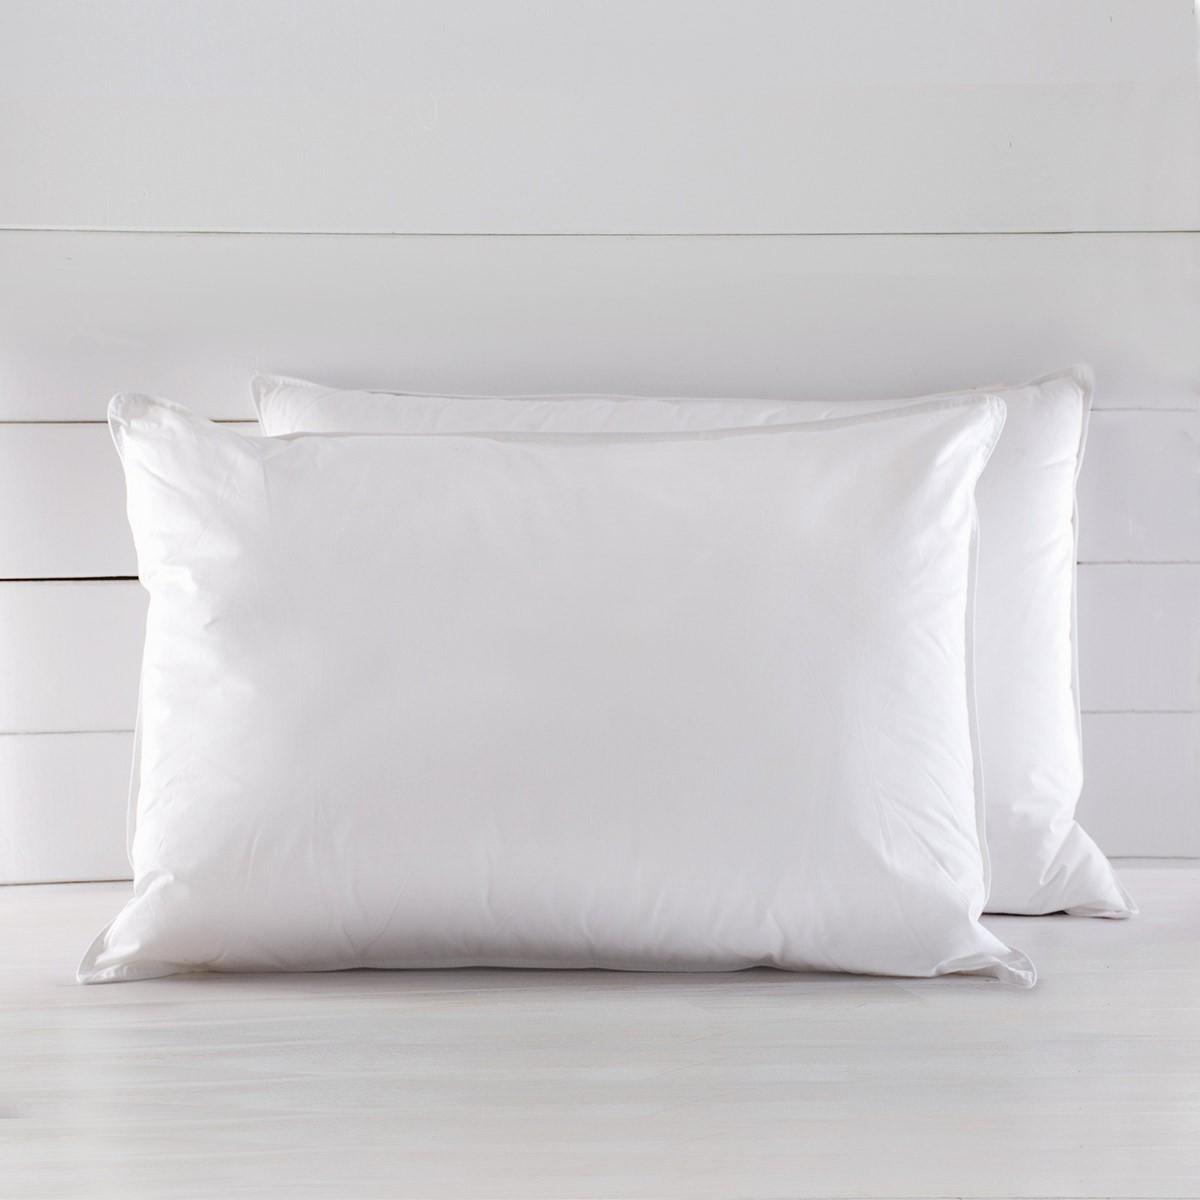 Μαξιλάρι Ύπνου Πουπουλένιο Rythmos 95/5 home   παιδικά   μαξιλάρια ύπνου